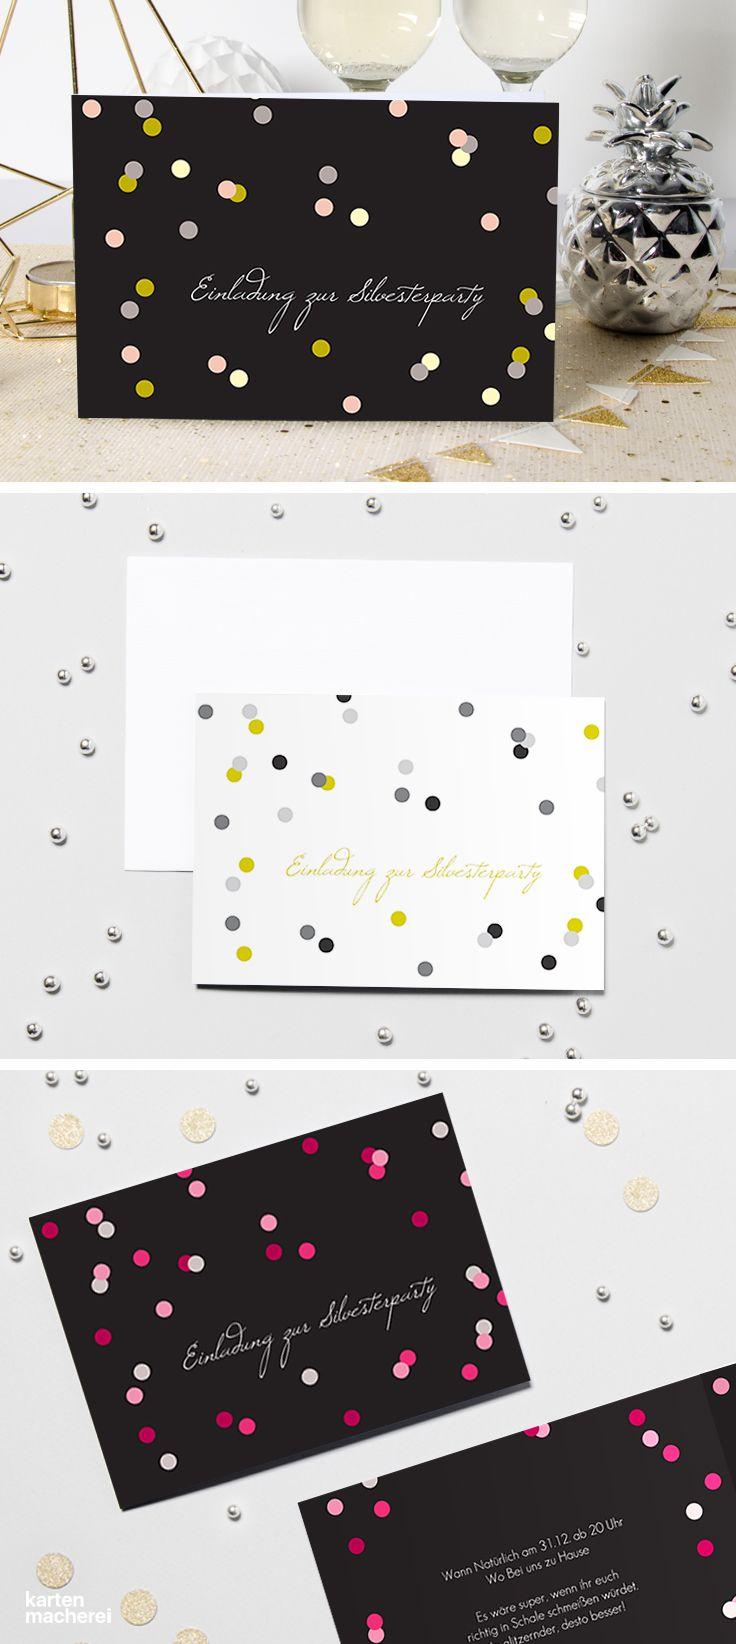 Partyeinladung punktvoll einladungskarten partyeinladung papeterie karten silvester kartenmacherei